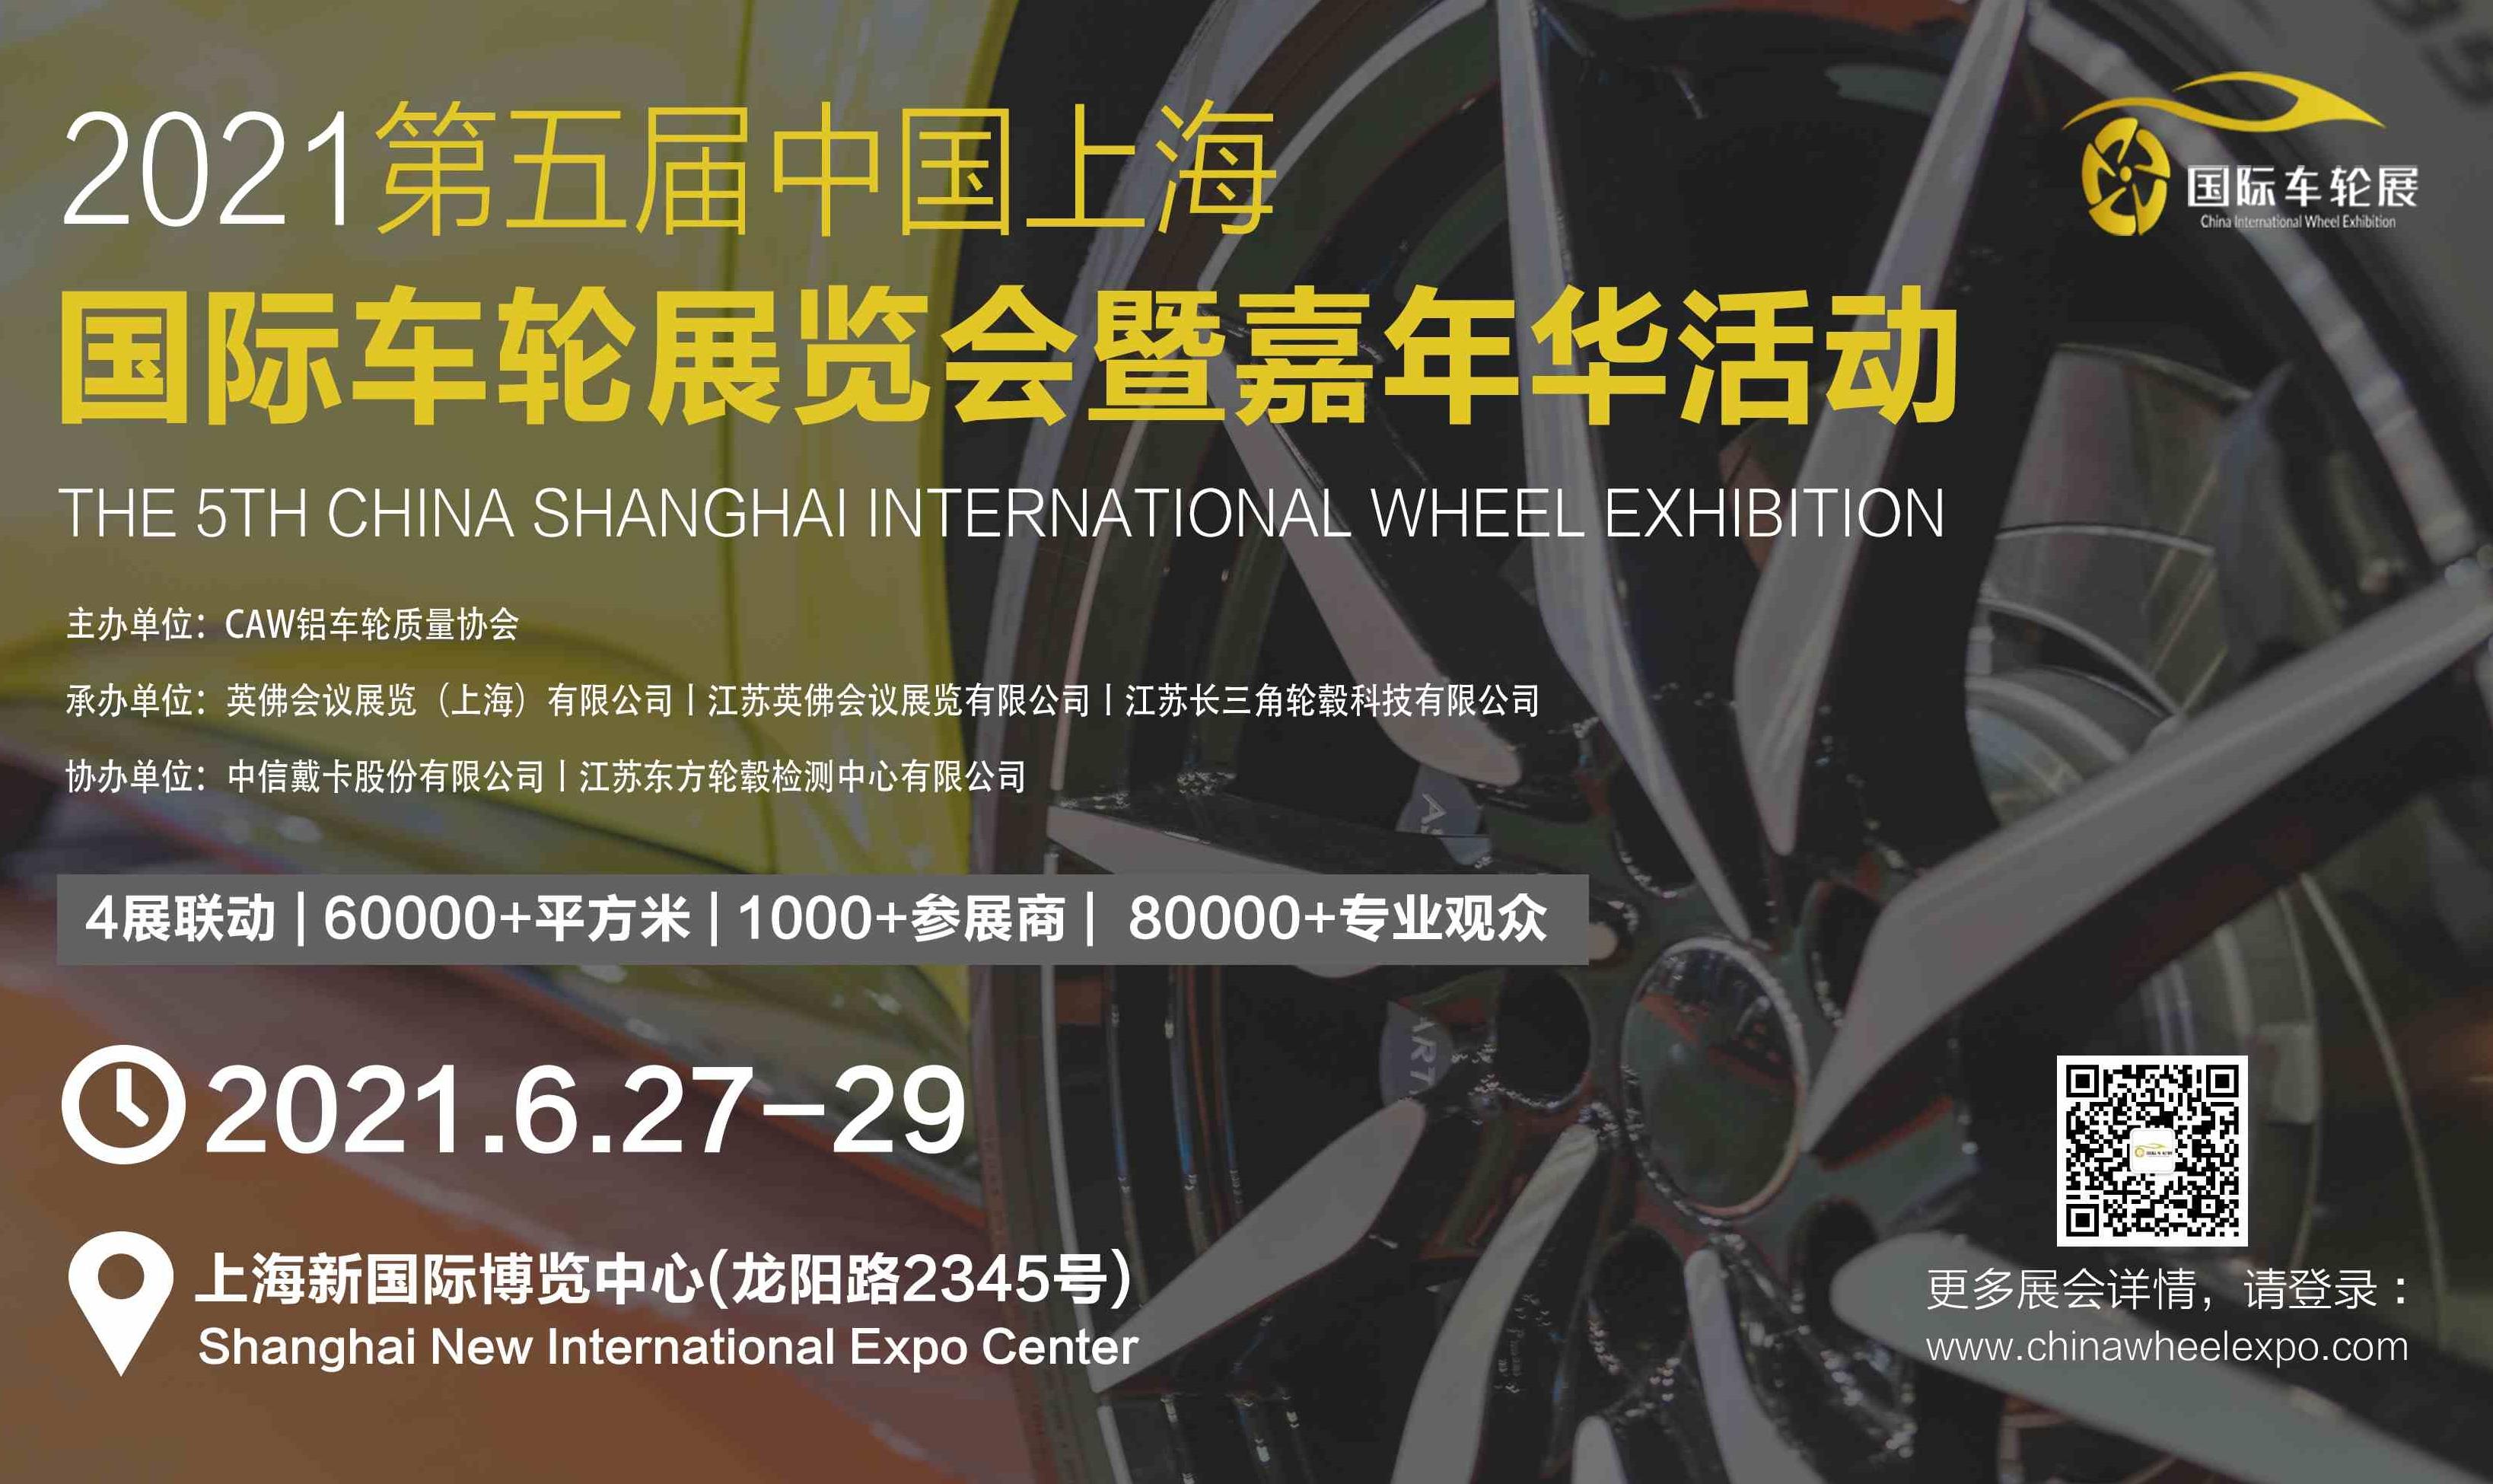 2021CIWE第五届中国上海国际车轮展览会正式定档2021年6月